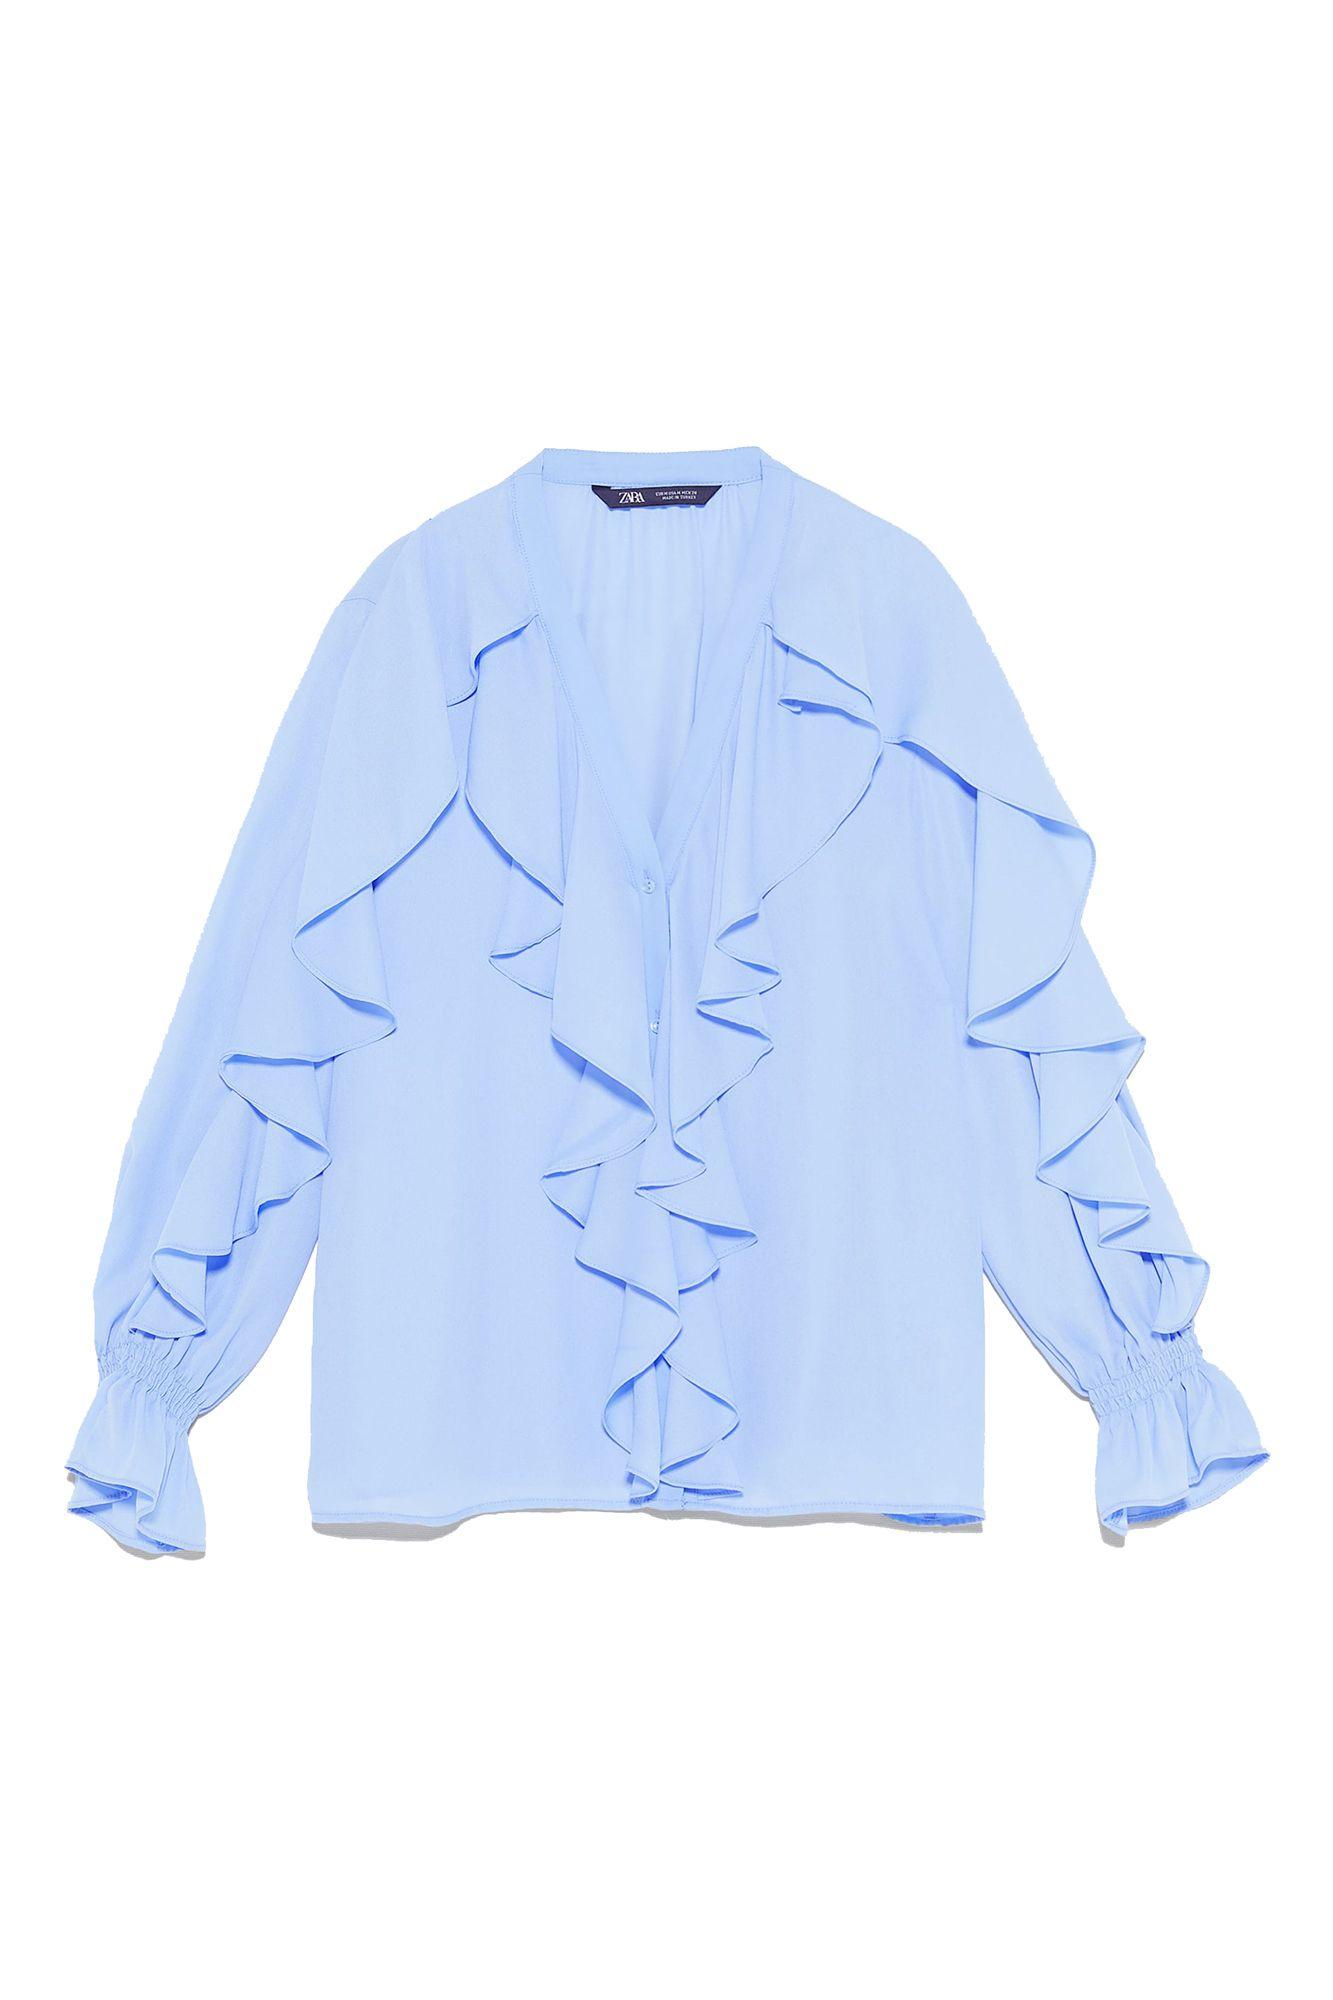 La camisa blanca de encaje de Zara más vendida de la